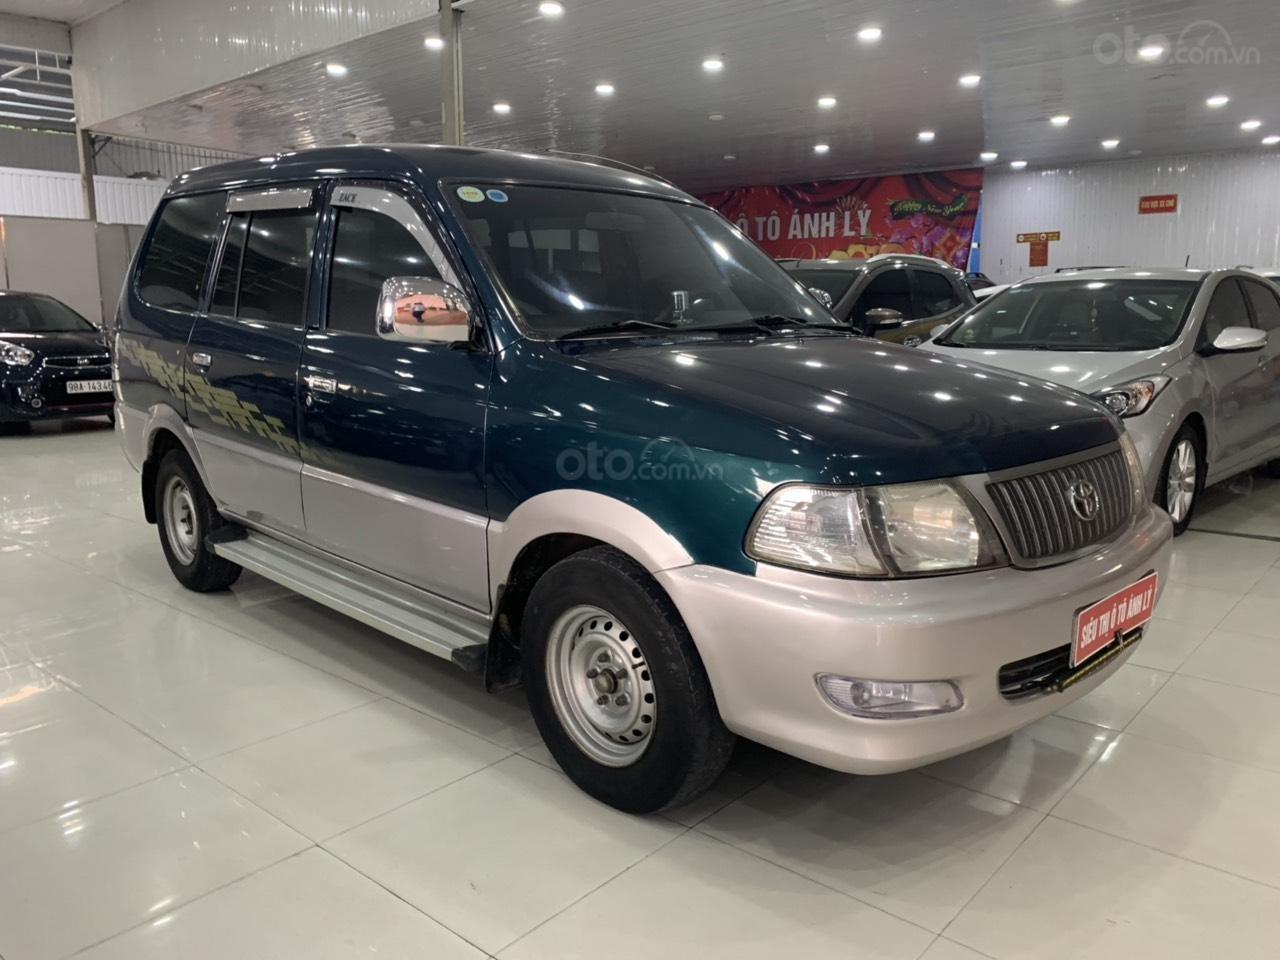 Bán ô tô Toyota Zace 1.8MT 2004, màu xanh lam, 165 triệu (4)